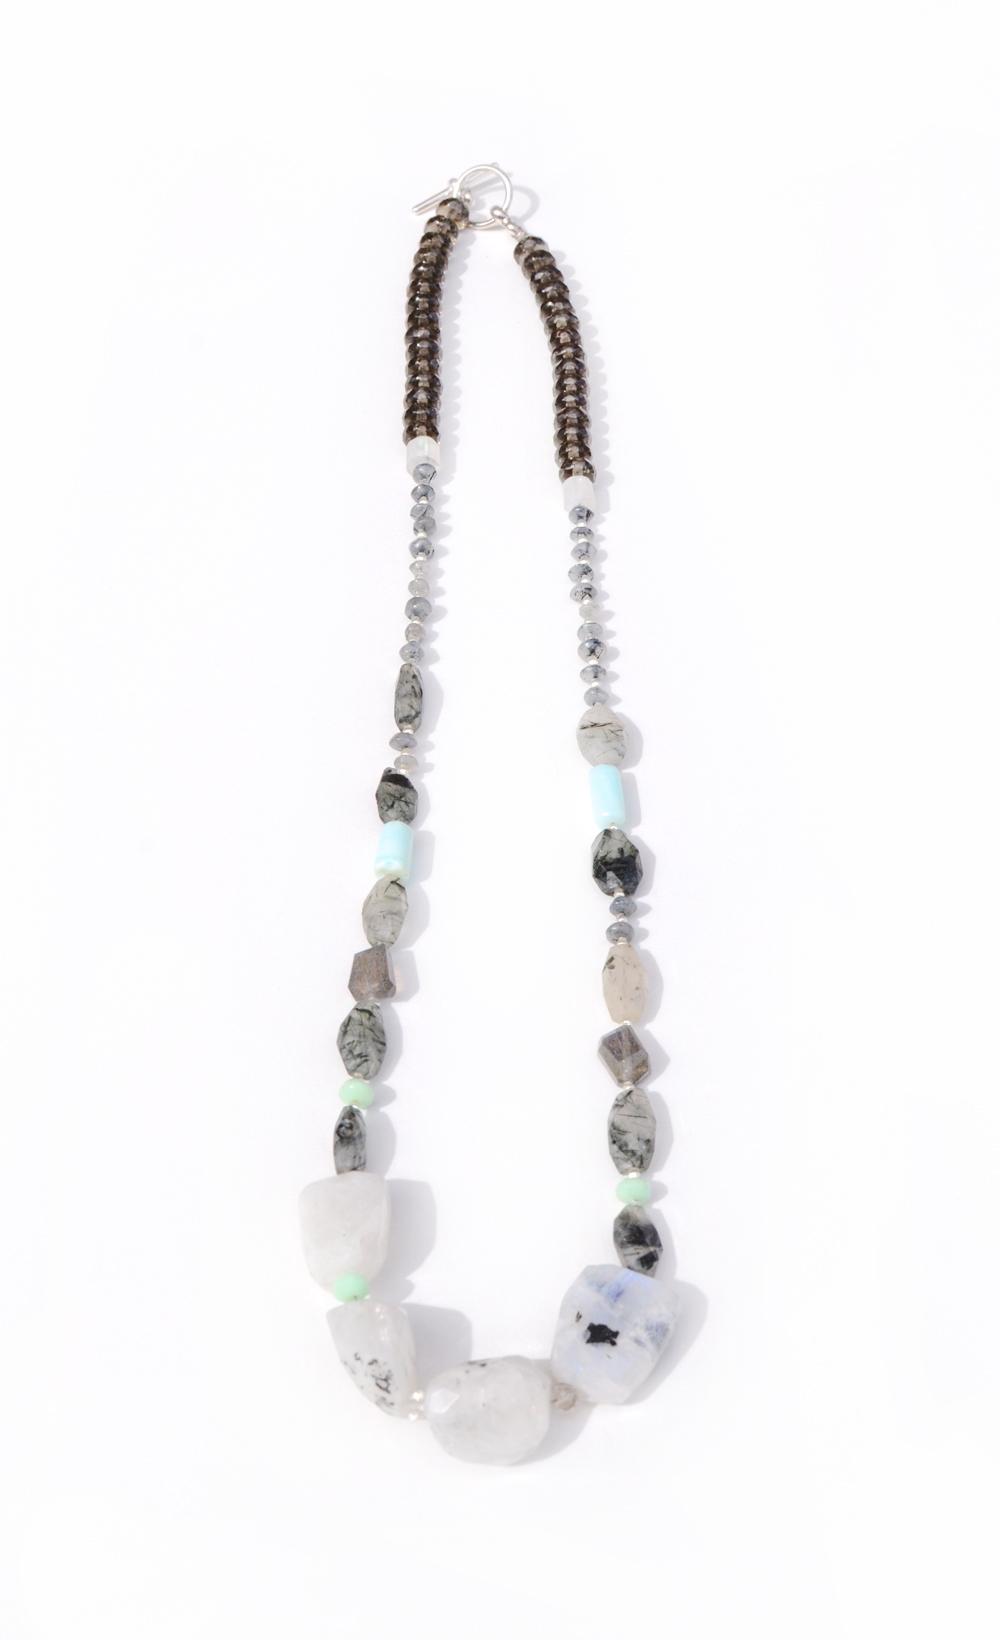 Moonstone-Rutillated-Quartz-Necklace-1.jpg